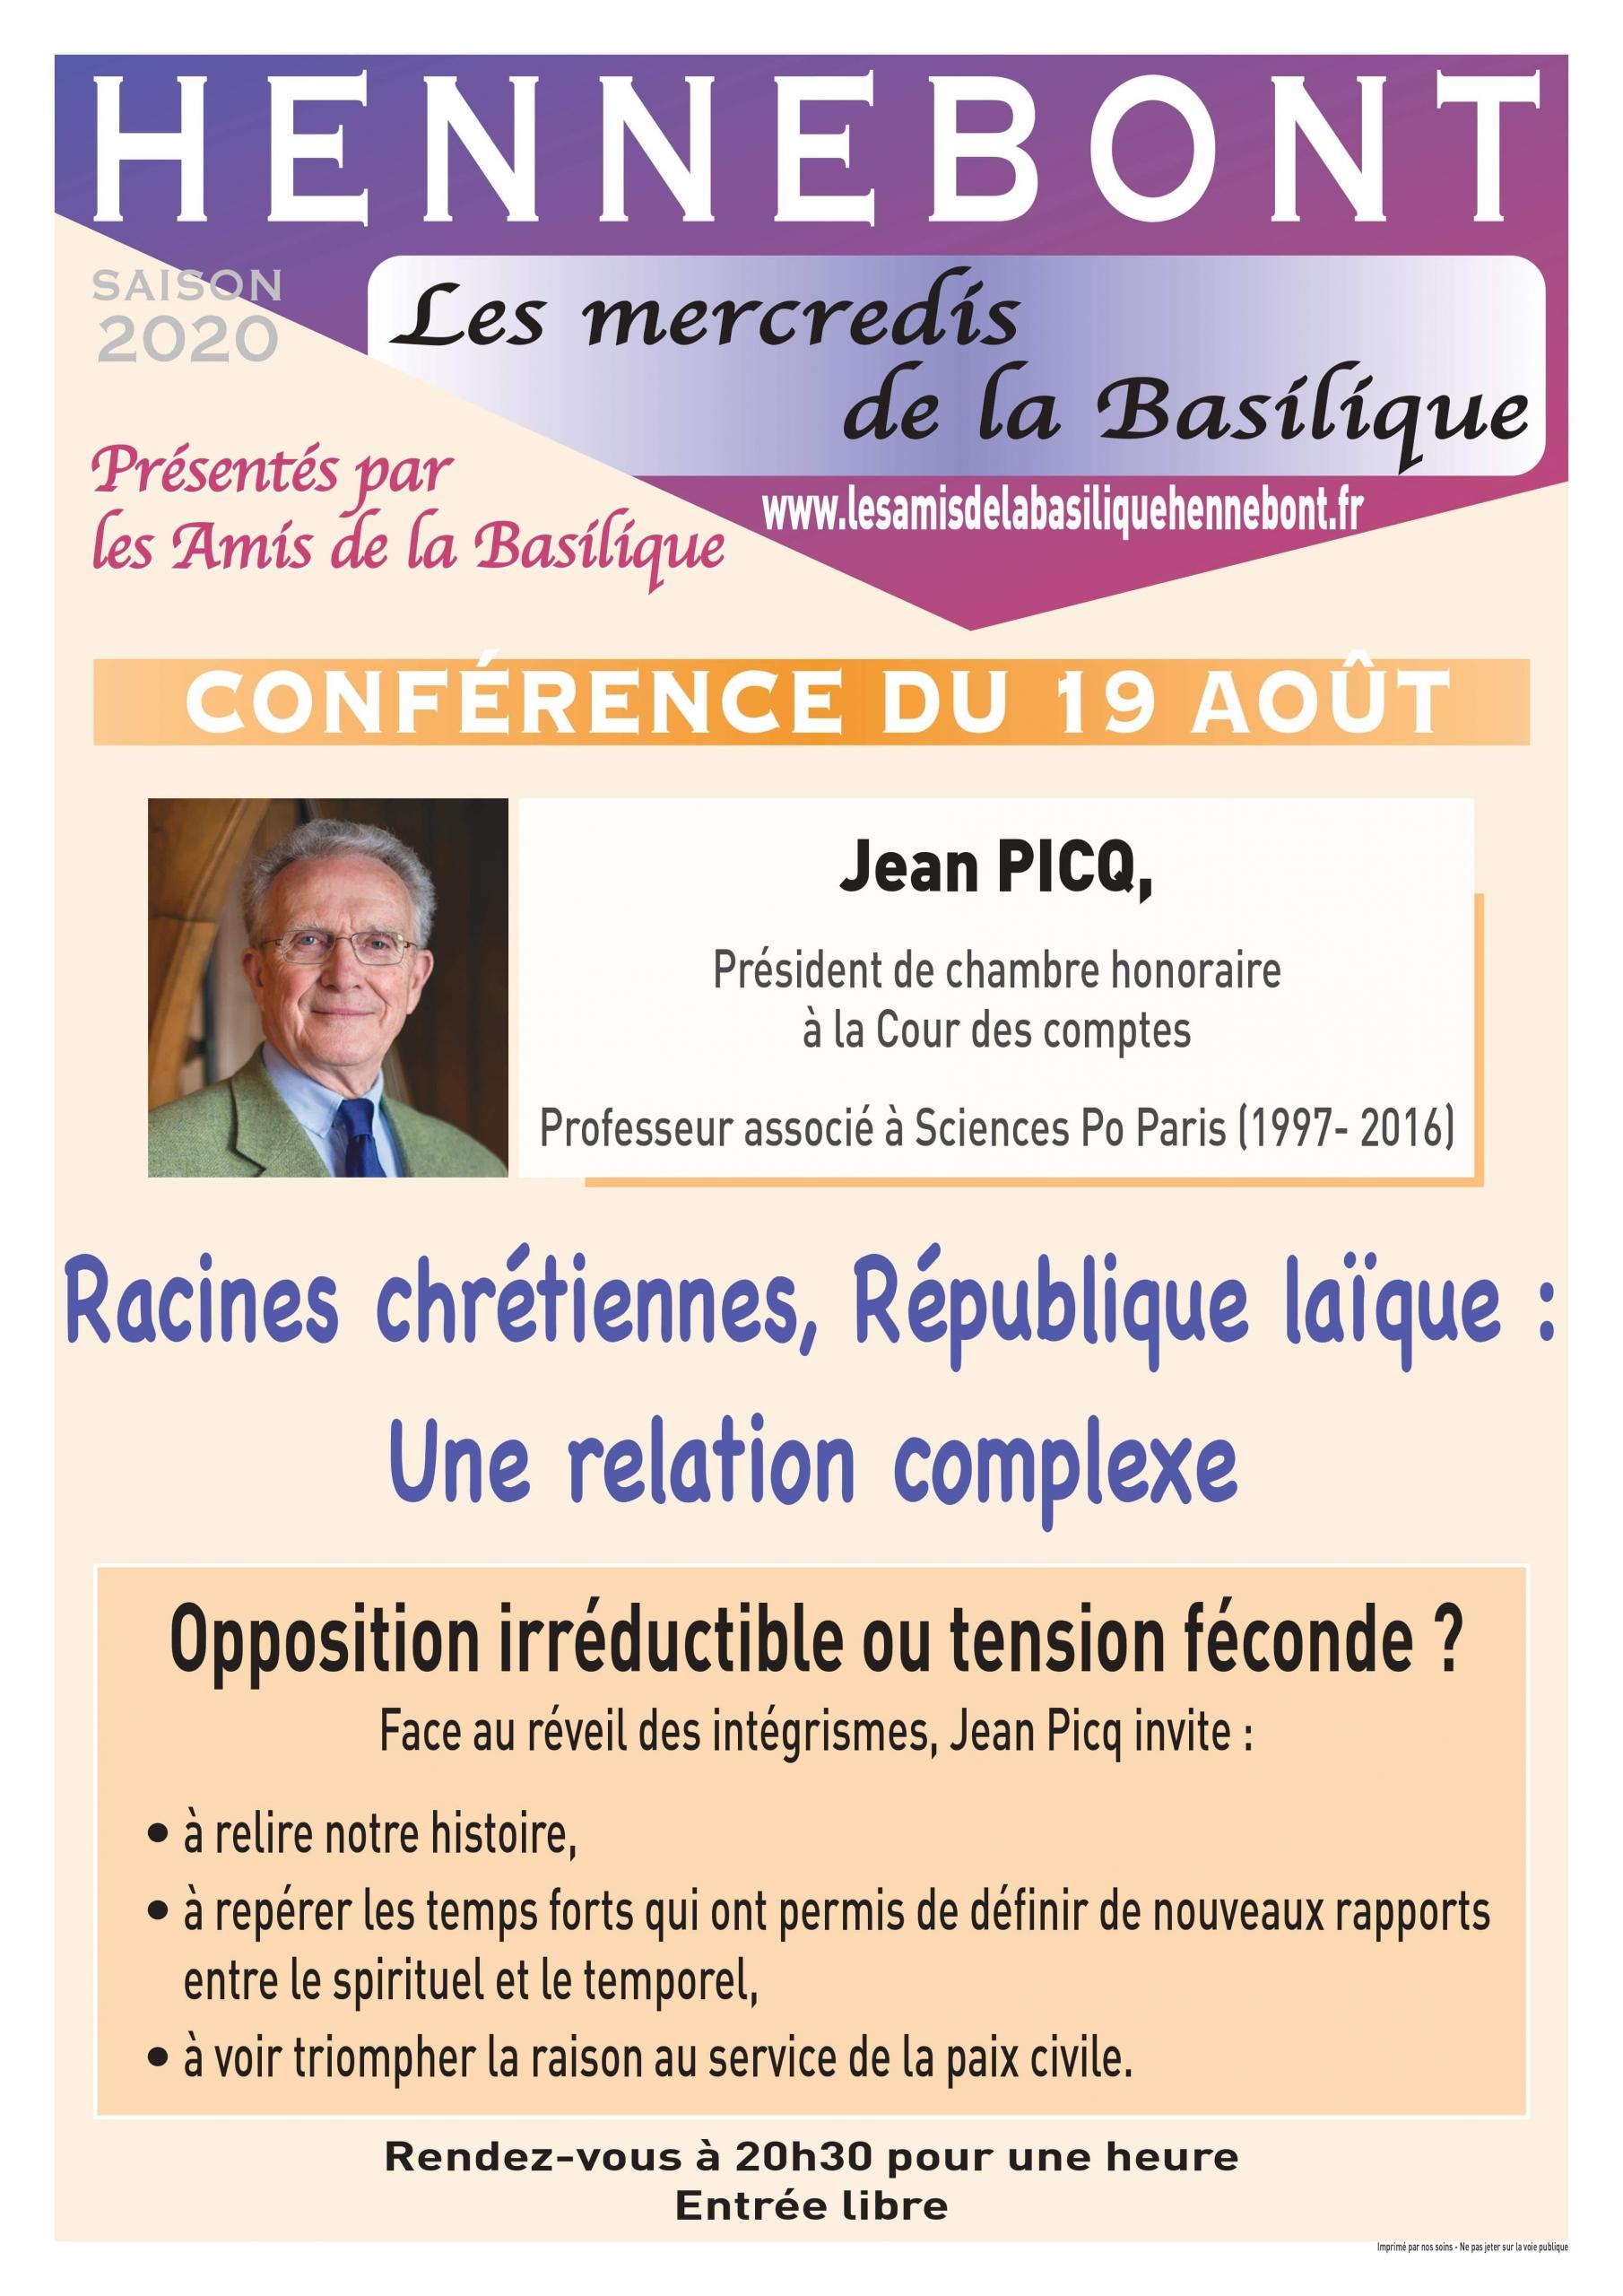 mercredis_de_la_basilique_conference_Jean_Picq_Notre_dame_de_paradis_Hennebont